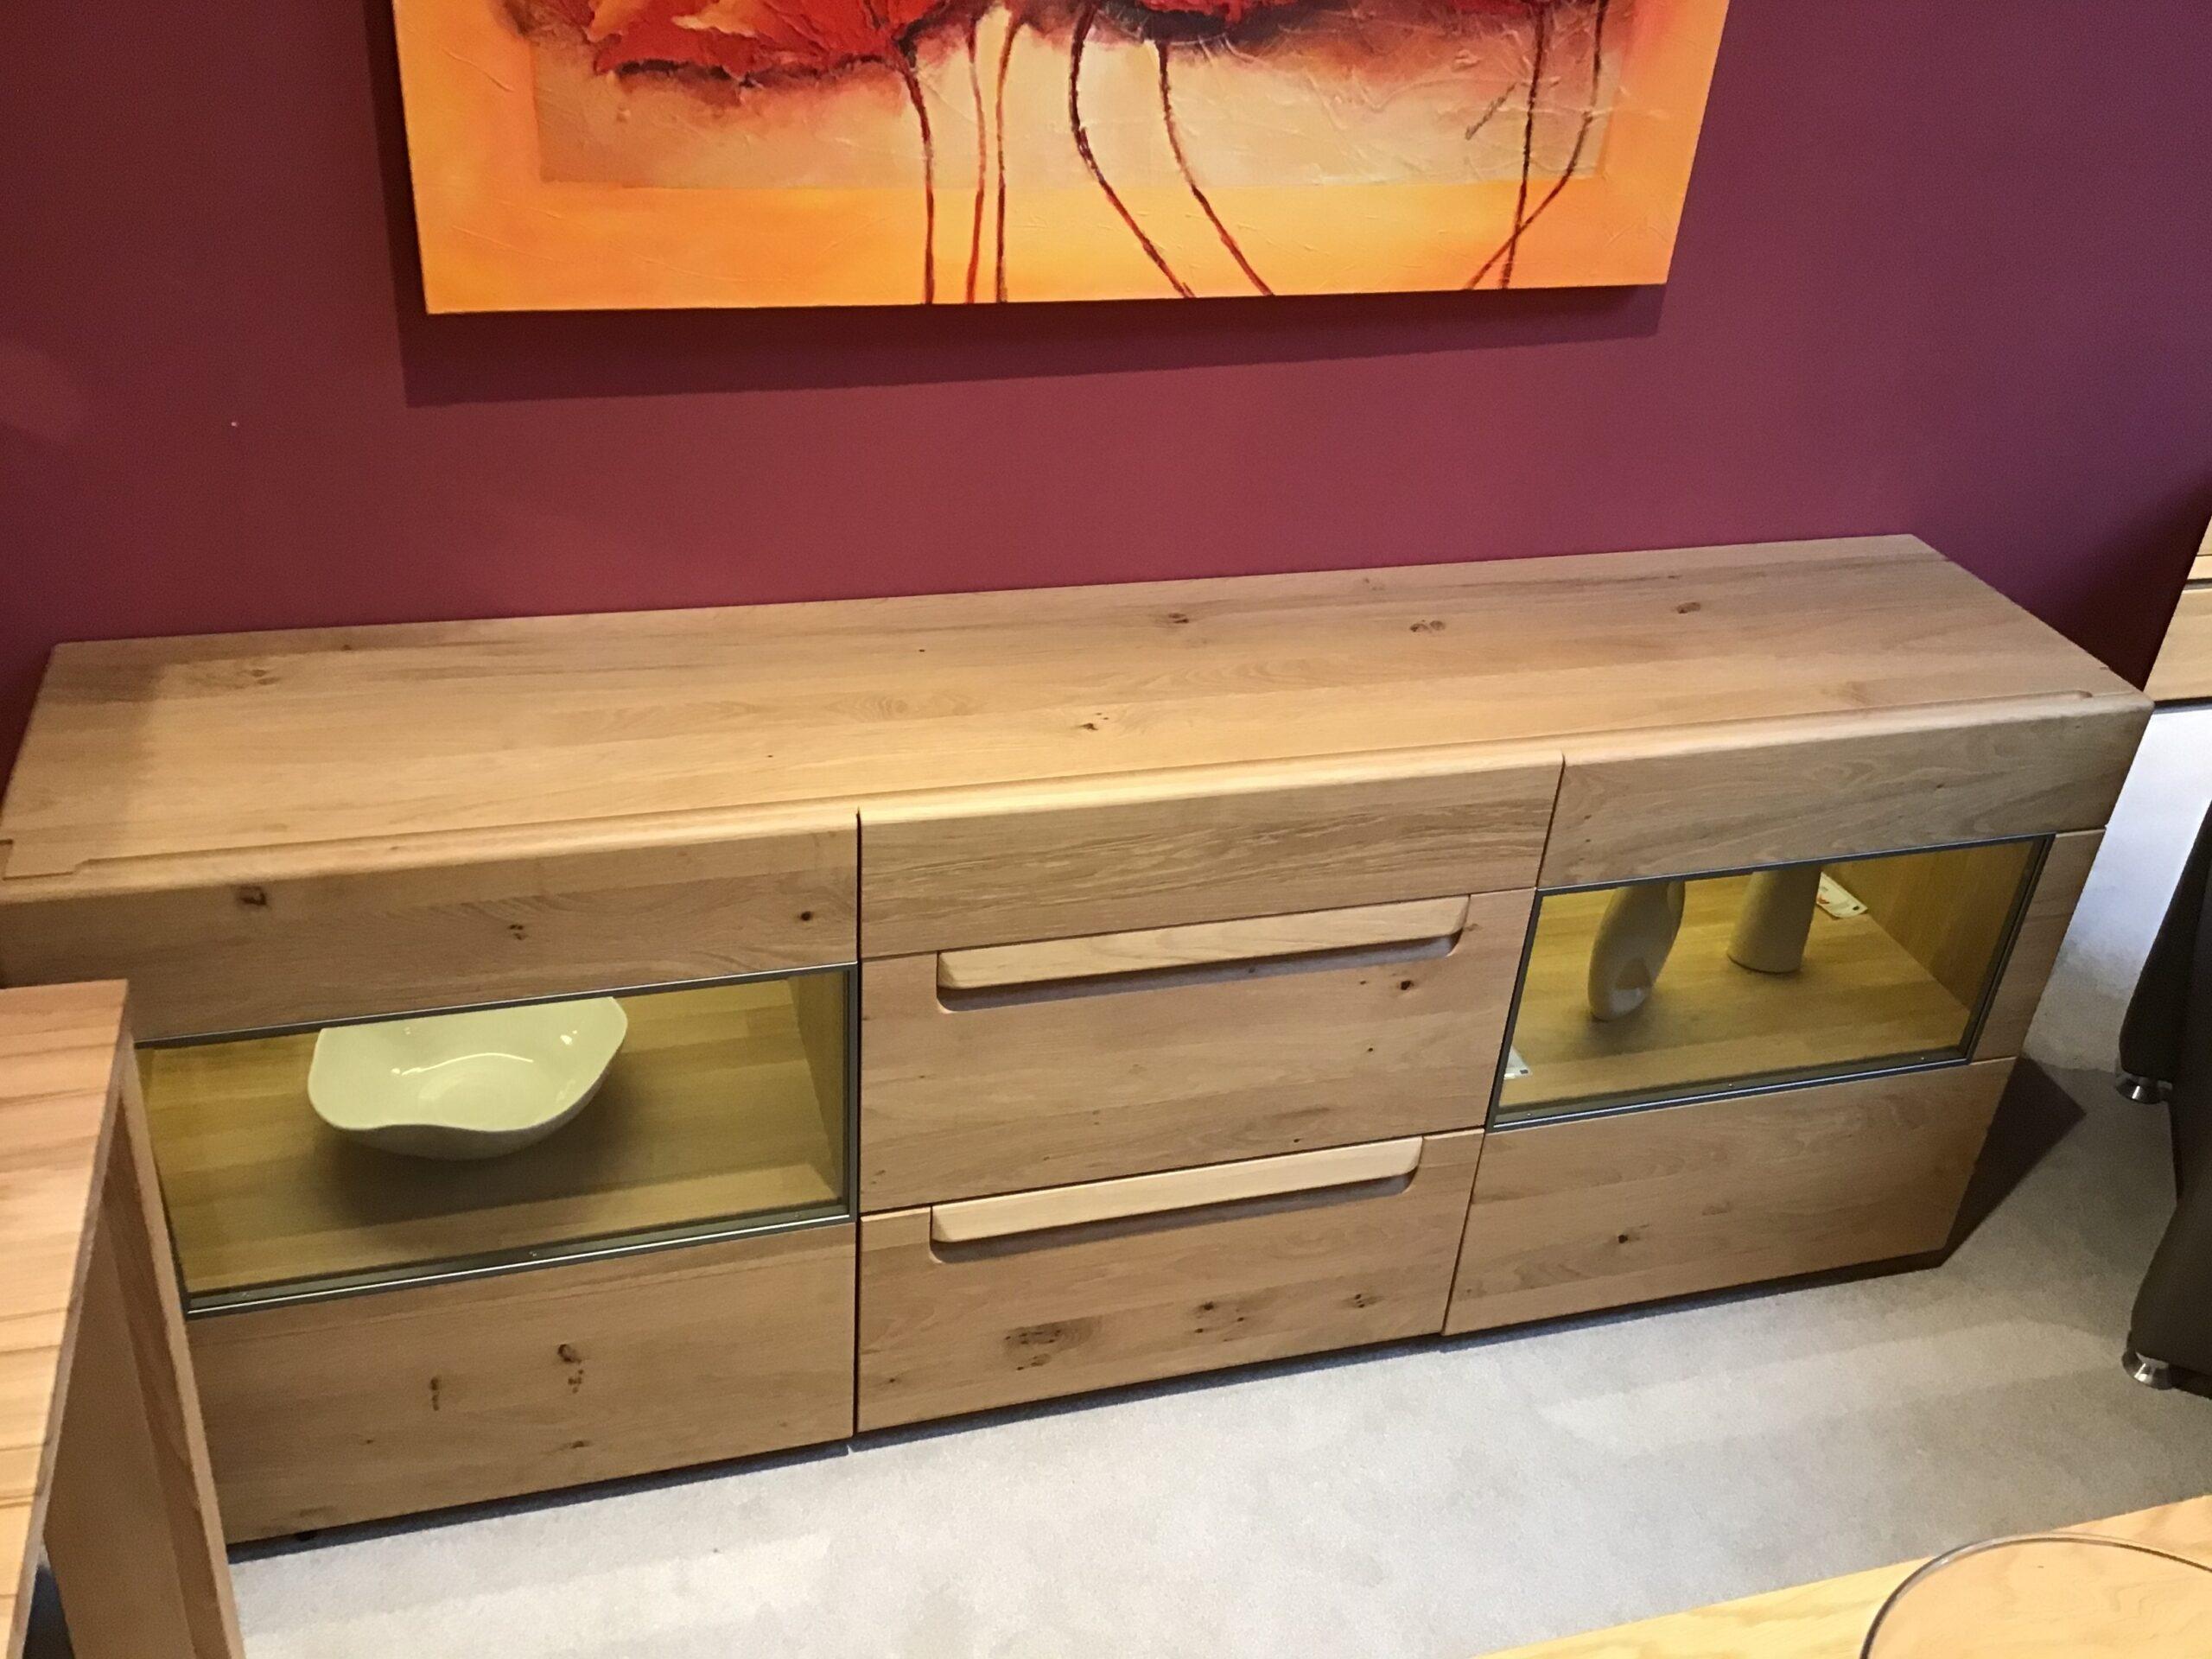 Full Size of Abverkauf Reco Mbel Stollberg In Inselküche Küchen Regal Bad Wohnzimmer Walden Küchen Abverkauf